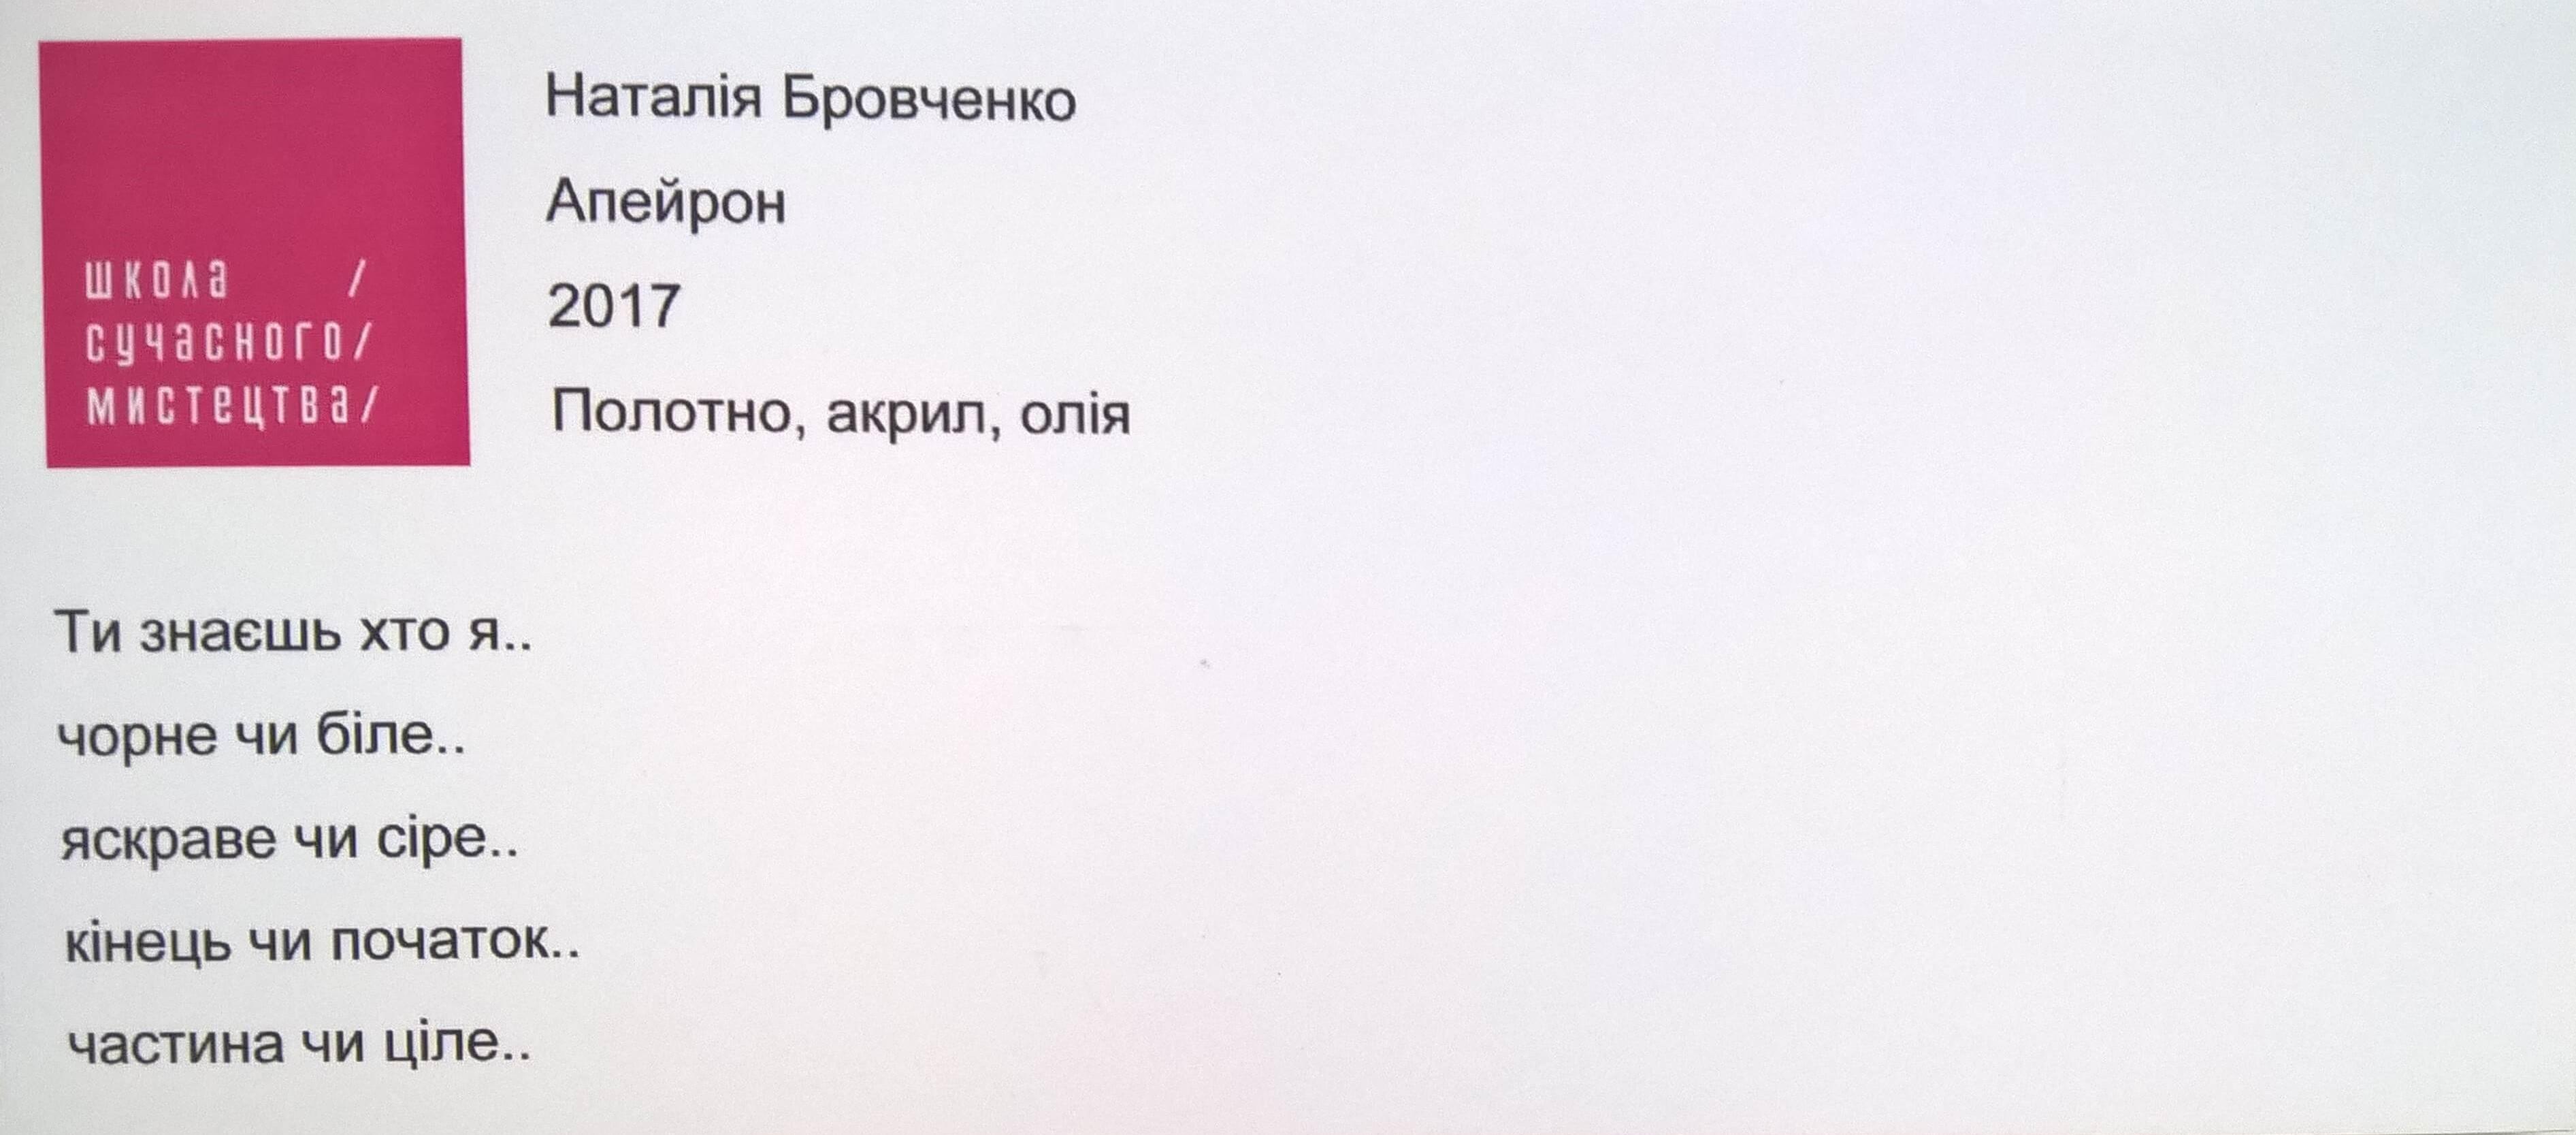 wp_20170623_16_53_30_pro